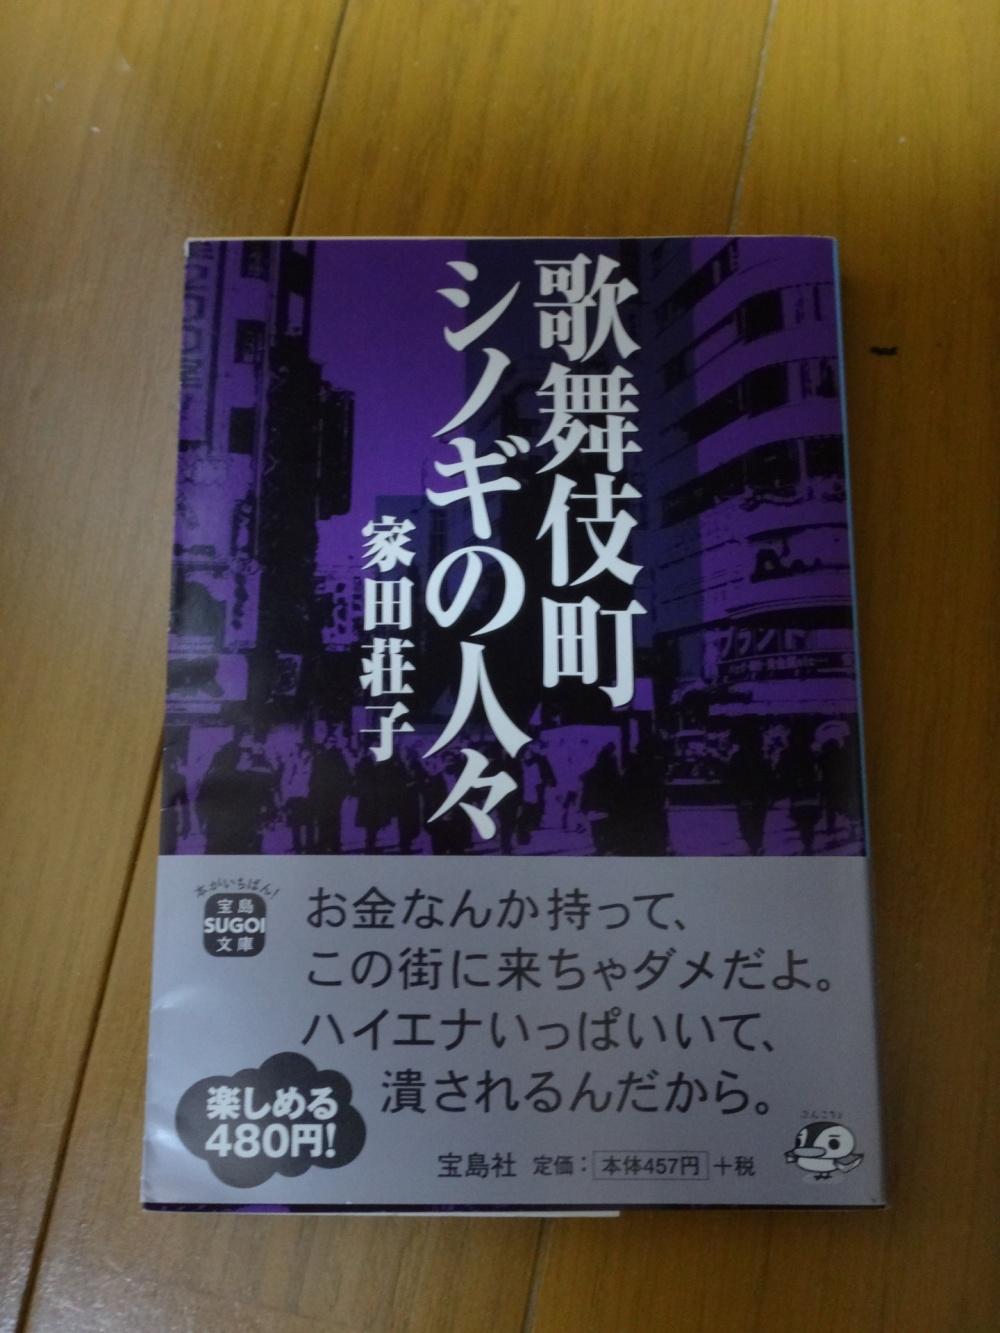 歌舞伎町の雰囲気を楽しめた、『歌舞伎町シノギの人々』(家田 荘子)